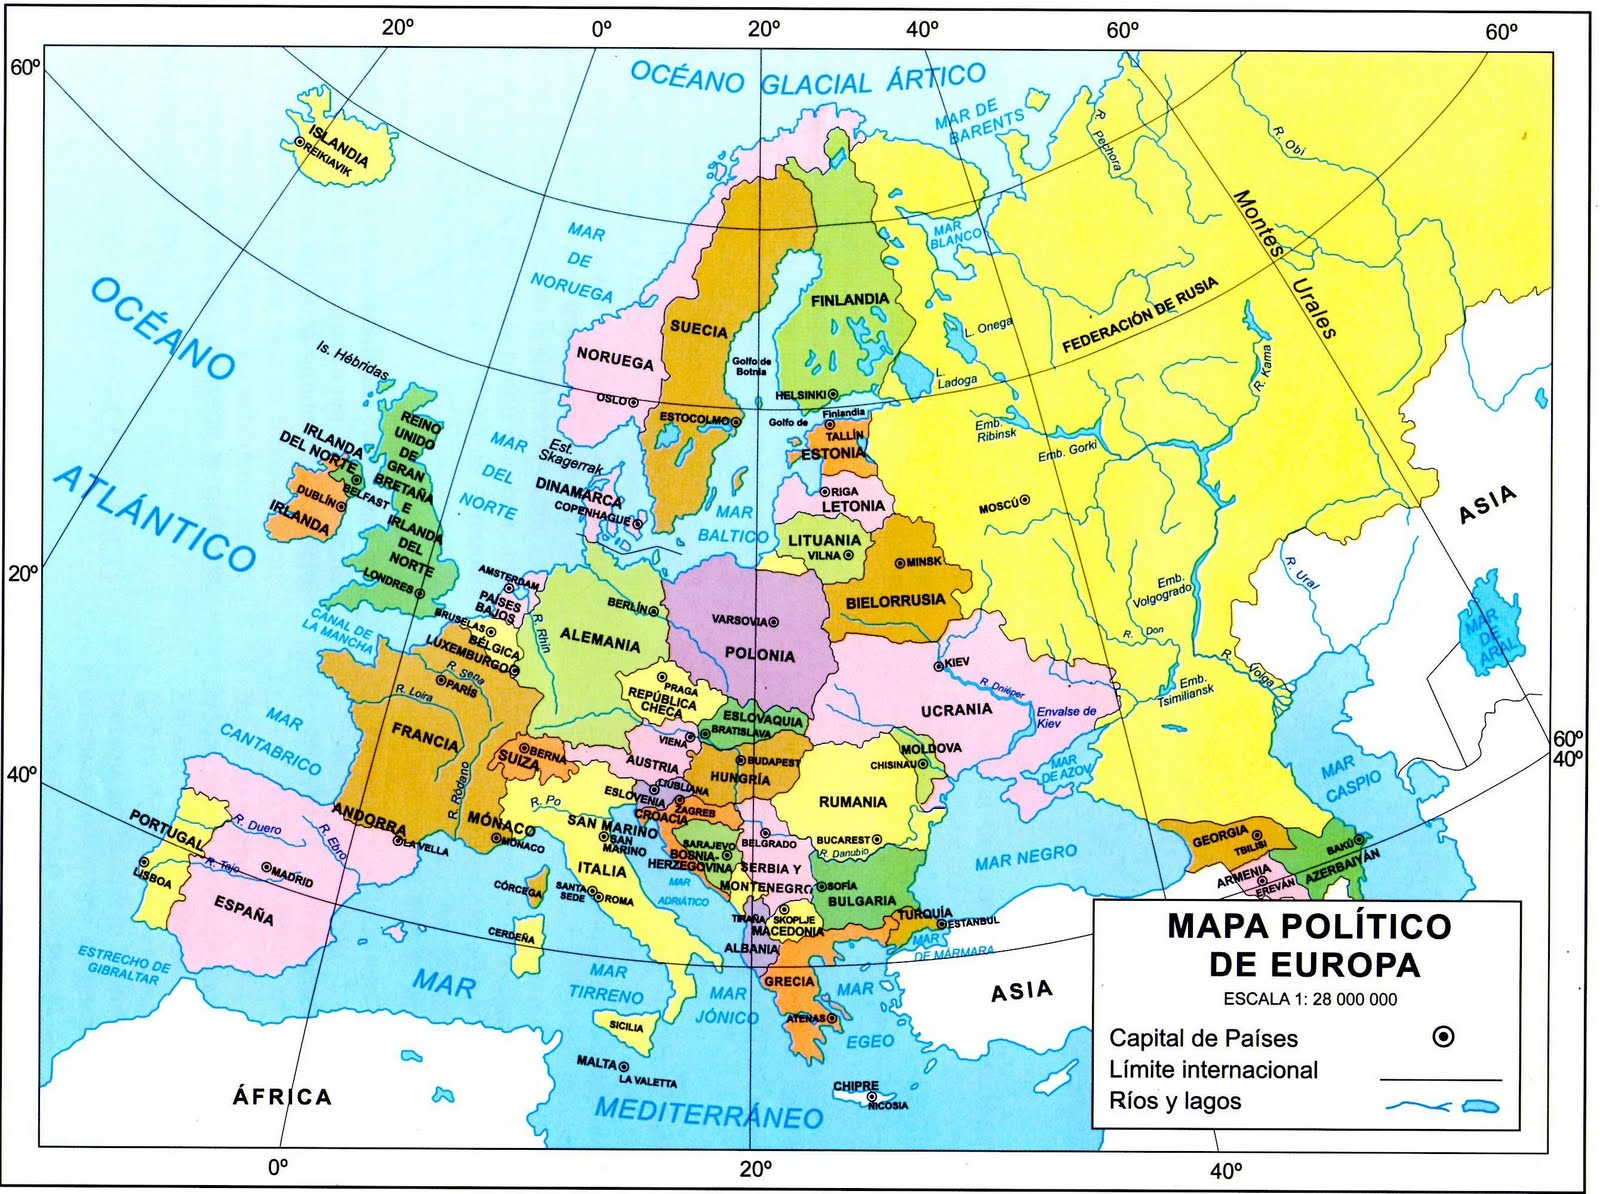 Estados del Continente Europeo